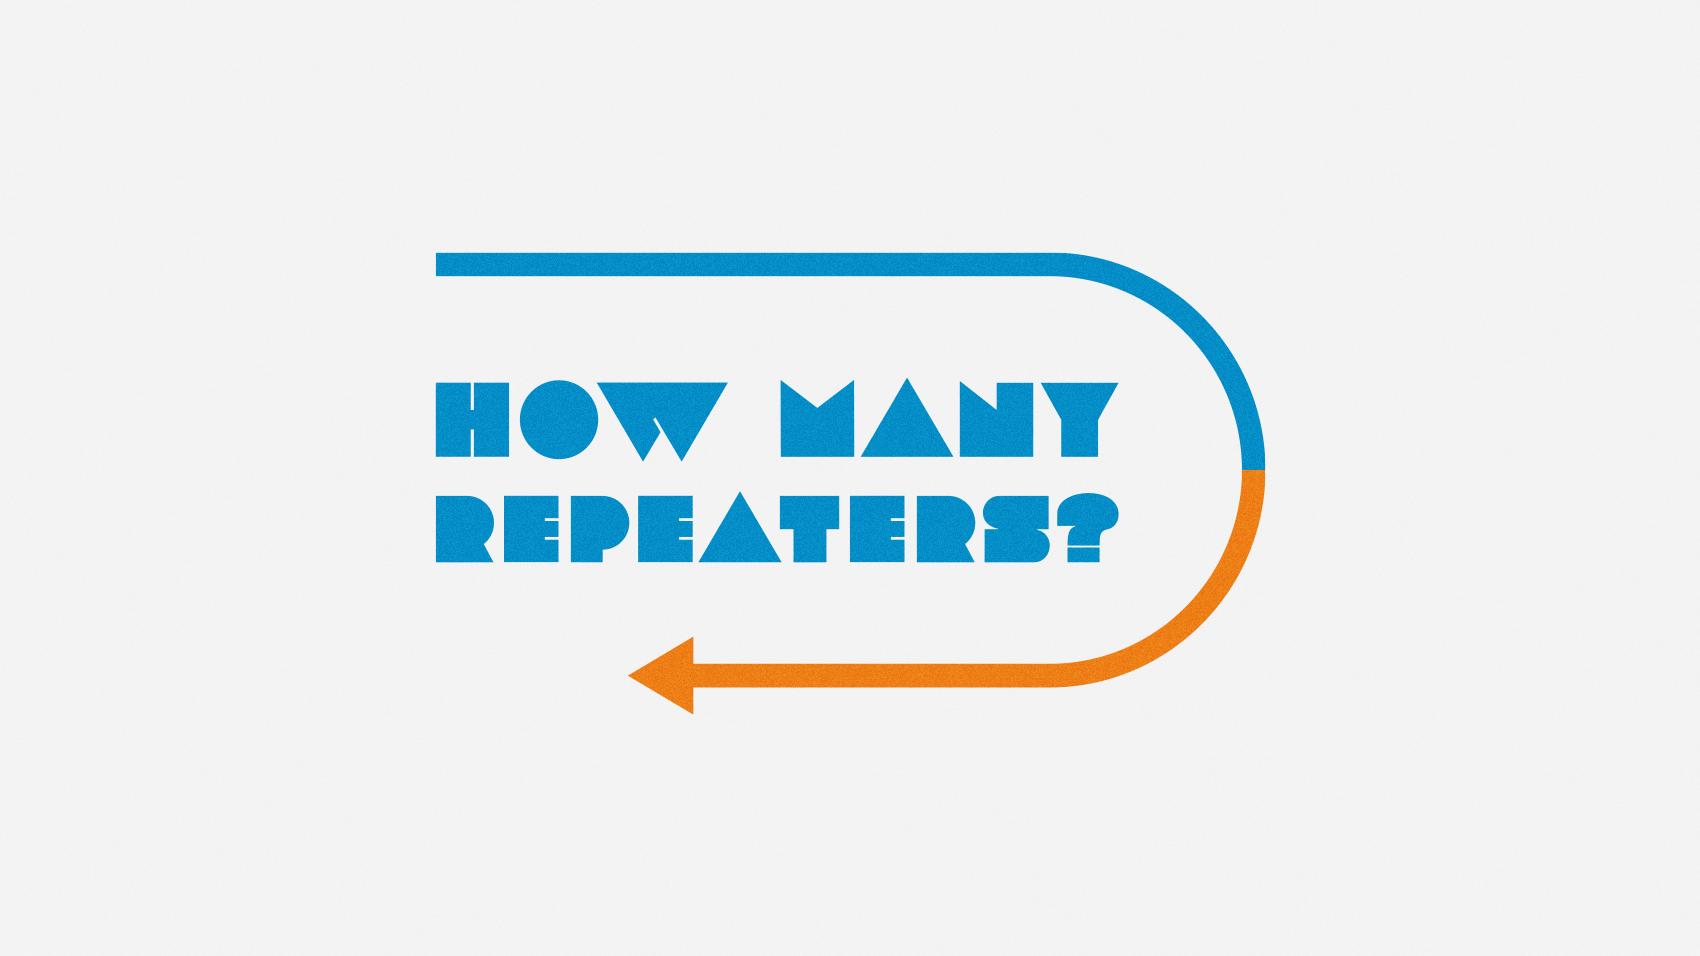 このwebサイトのリピーターはどれくらいいるのか?を調べてみた